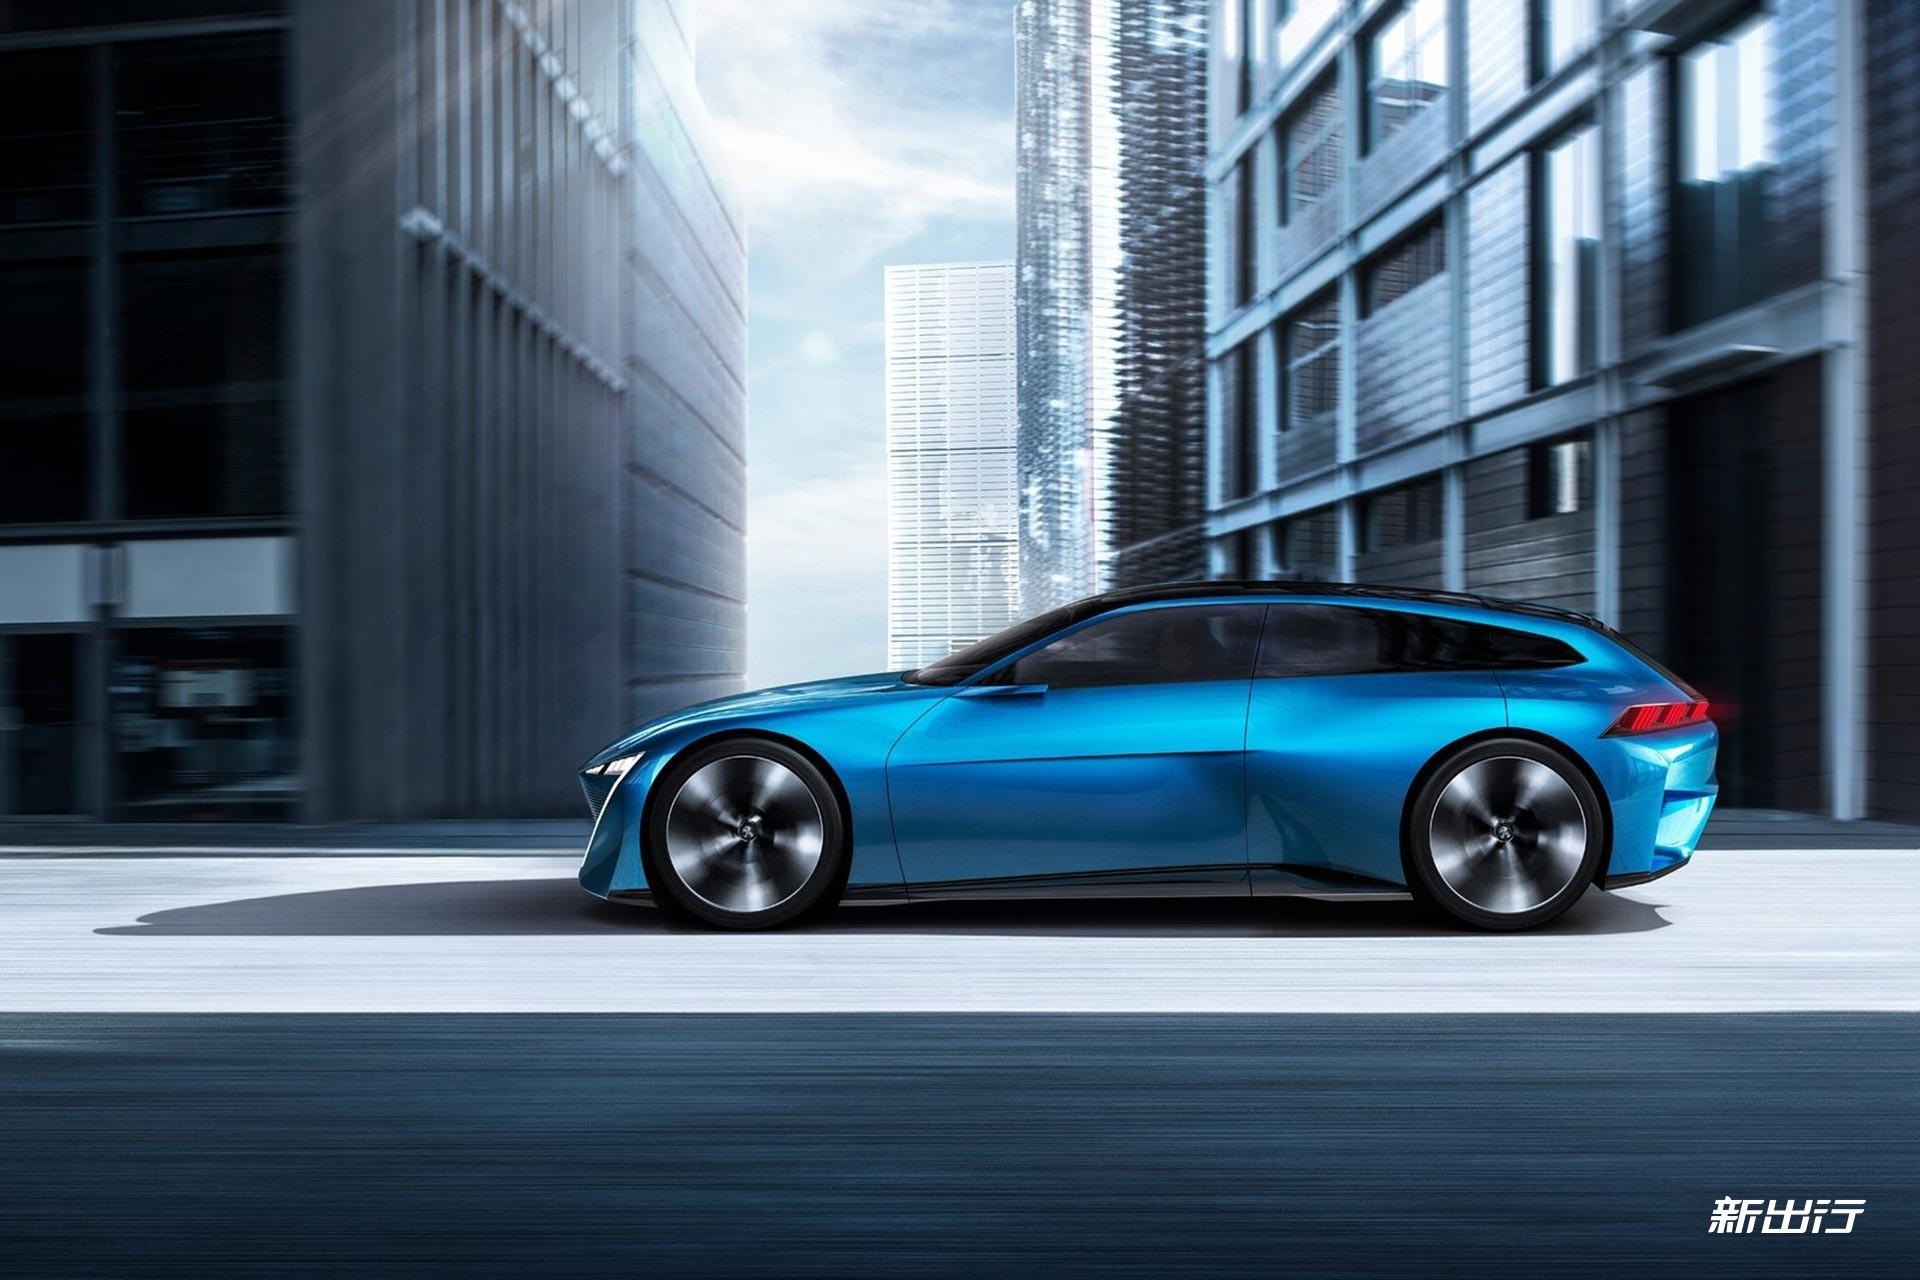 Peugeot-Instinct_Concept-2017-1600-06.jpg